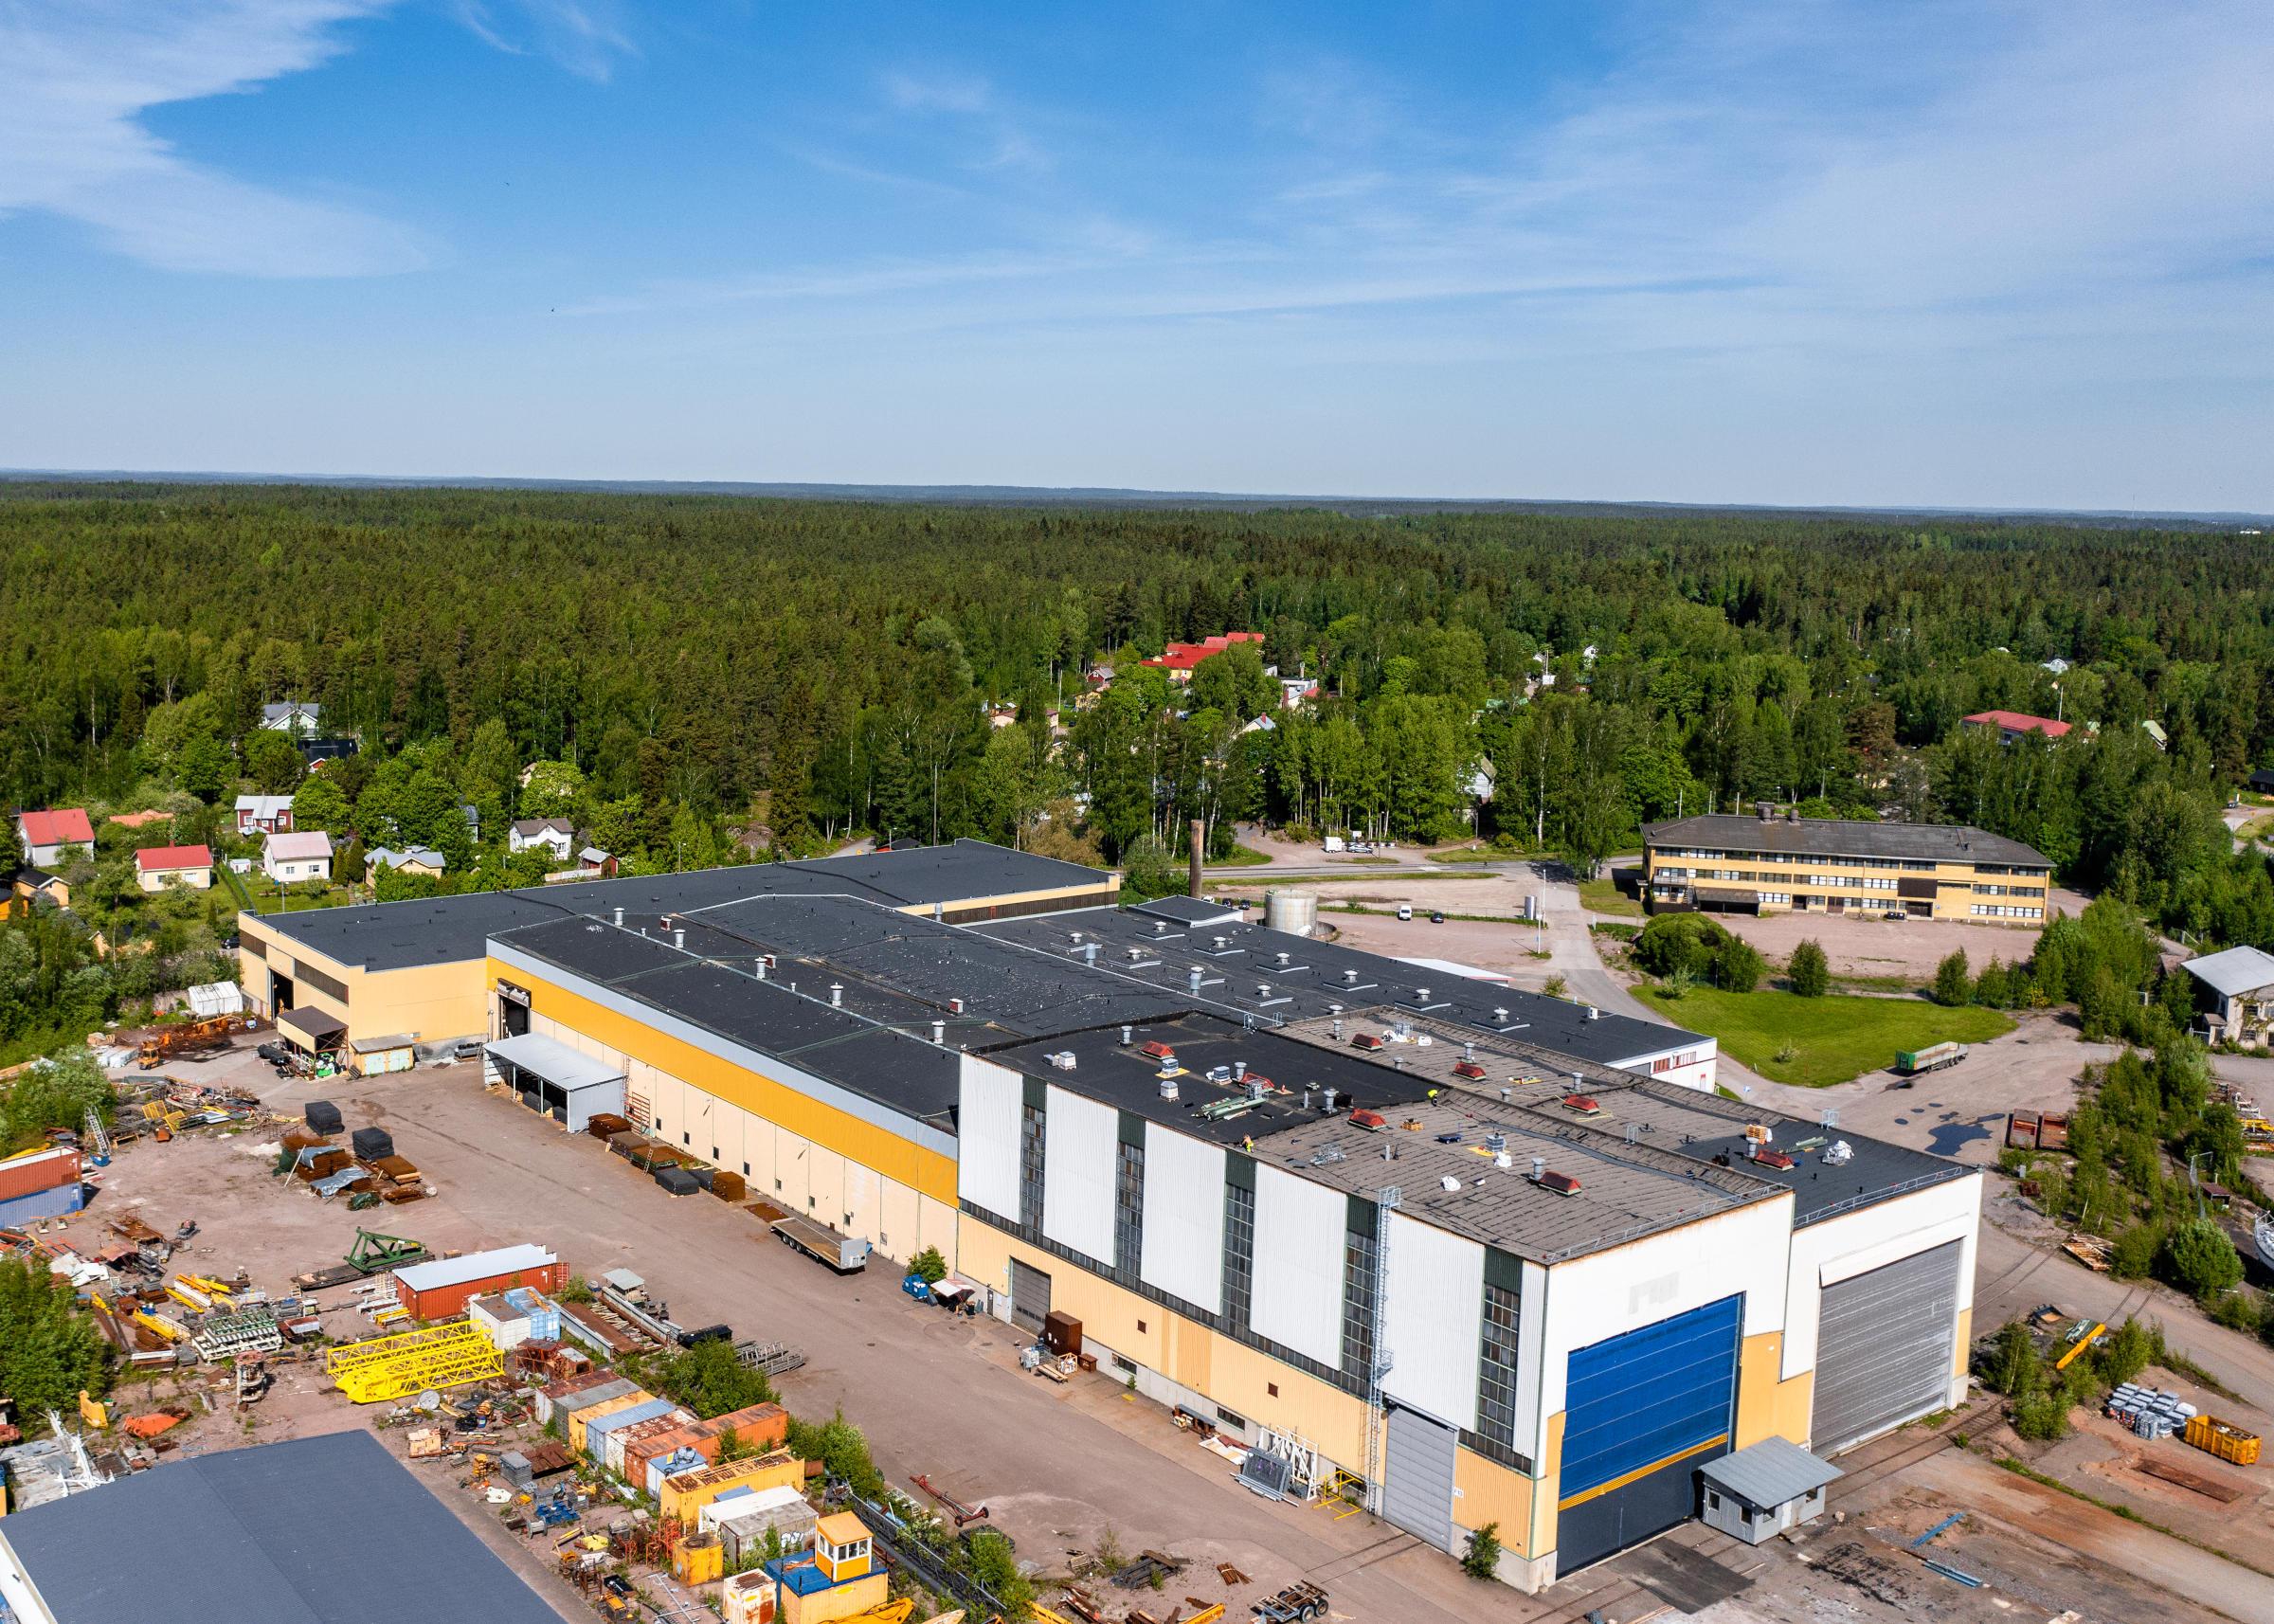 Bisnesmestari Oy, Valkolammentie 2, 07910 Loviisa-13